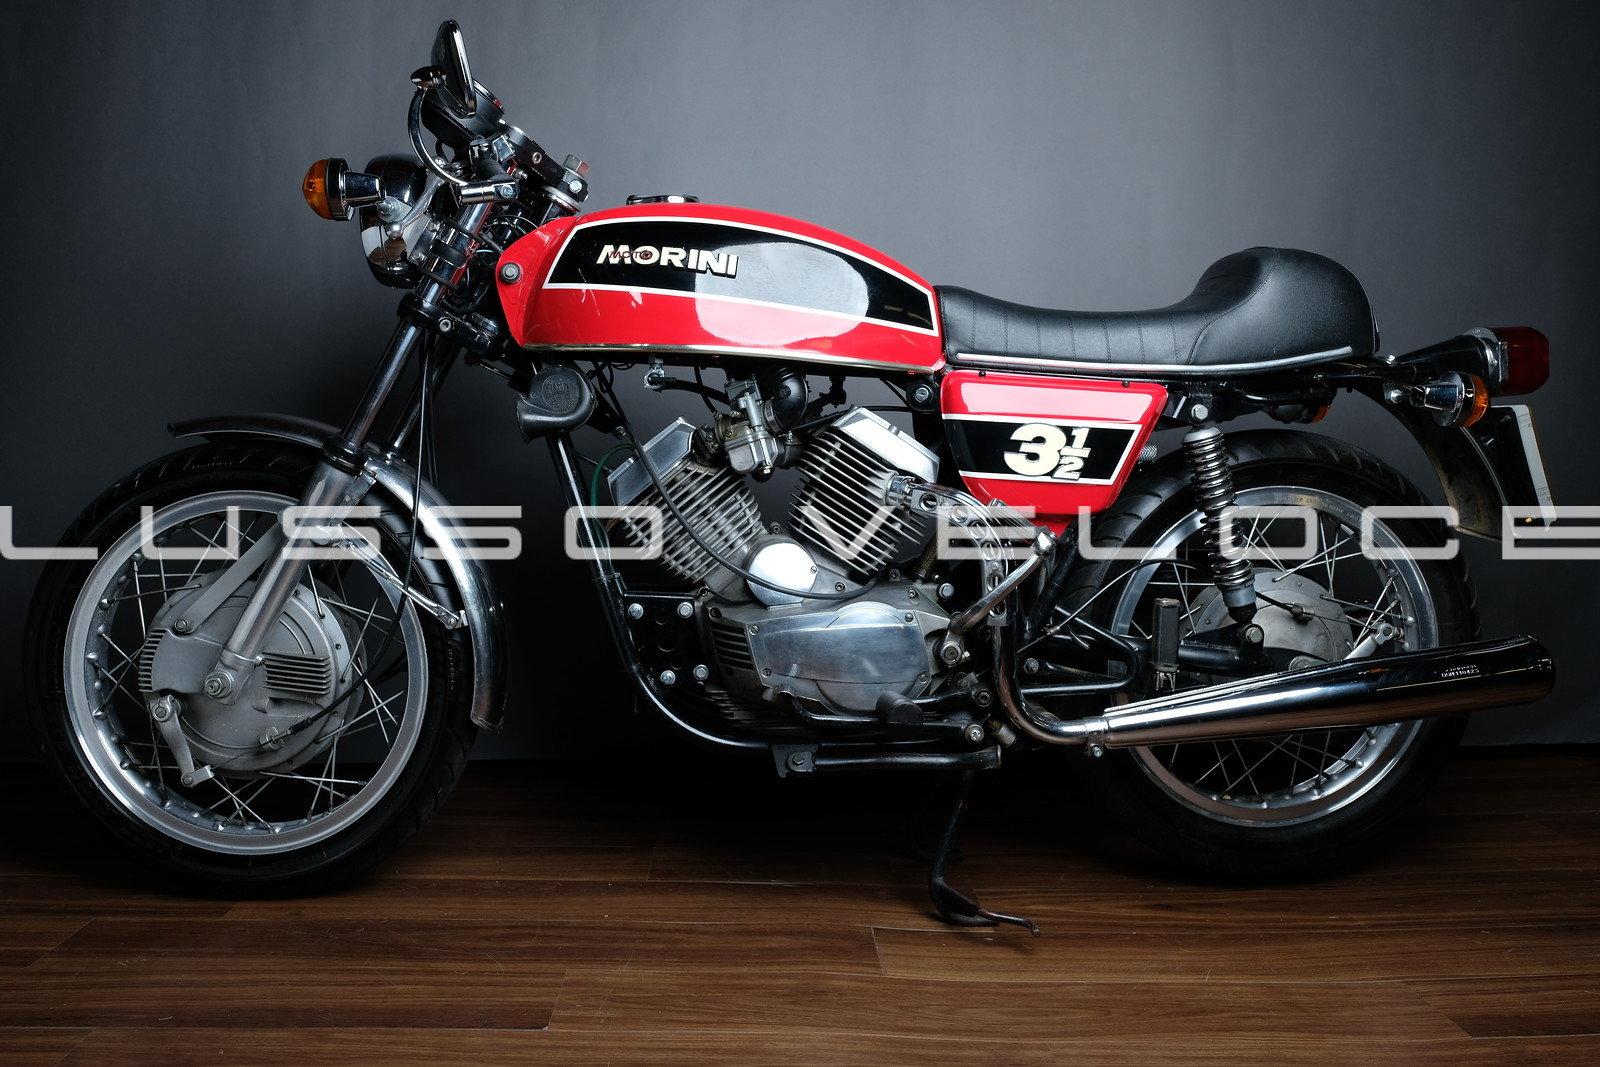 1975 Moto Morini 350 Sport Double drum  For Sale (picture 2 of 6)